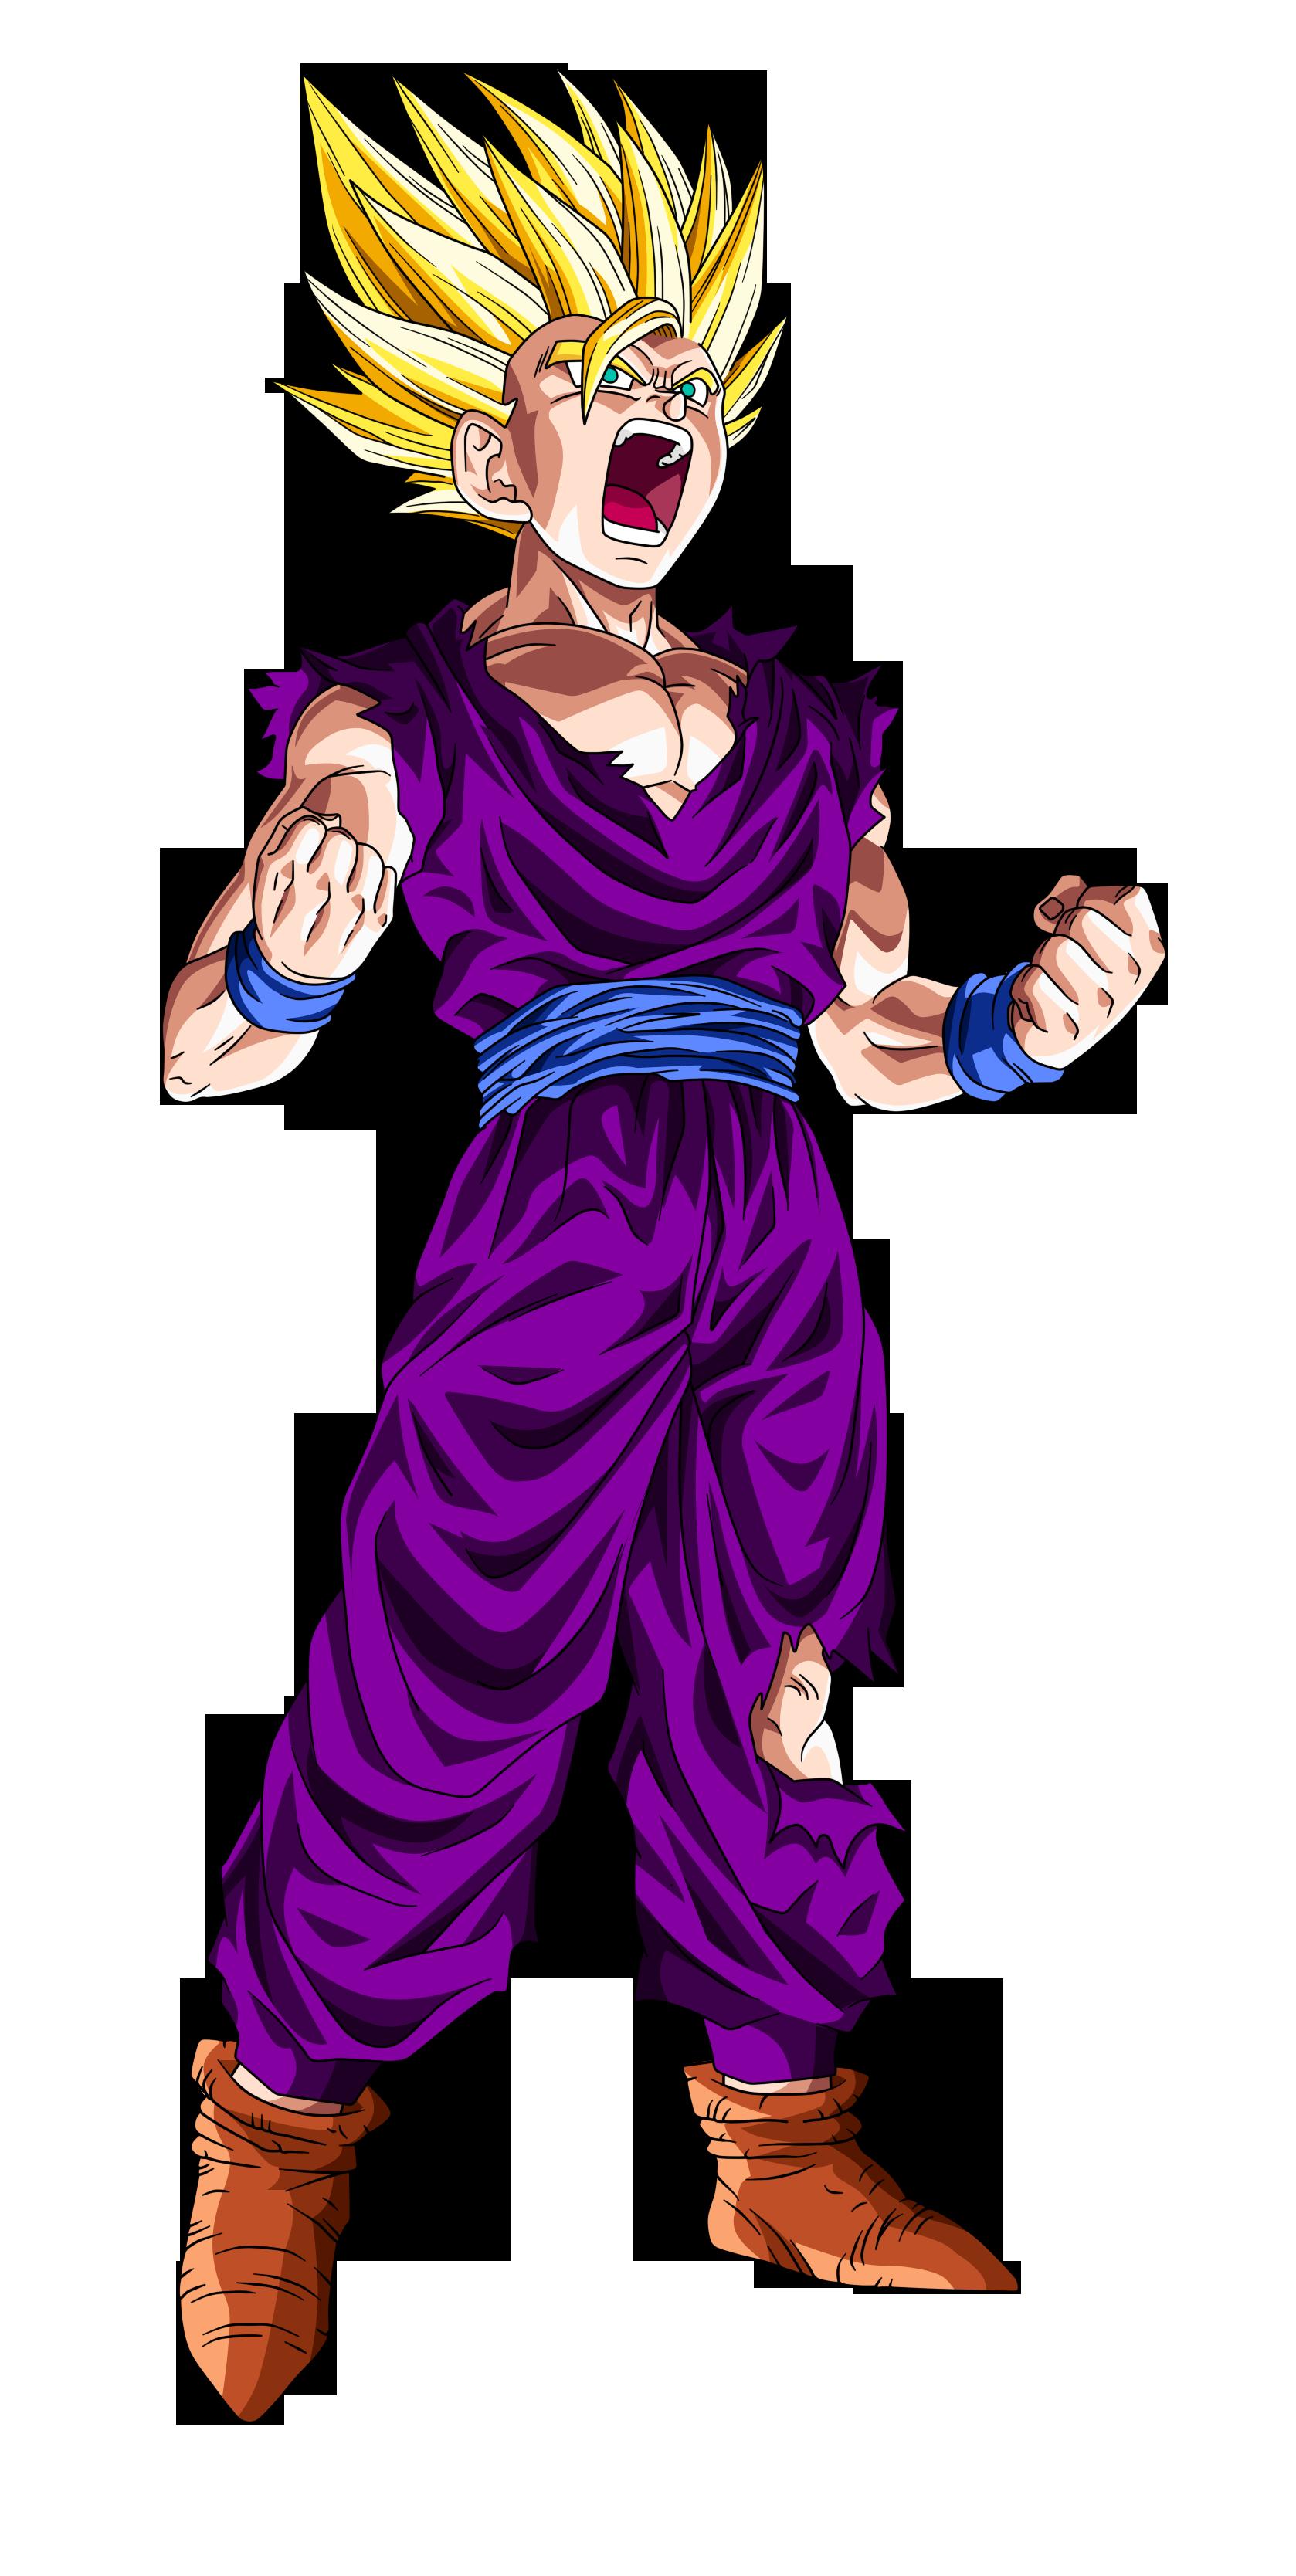 Son gohan super saiyan 2 dragon ball wiki fandom - Son gohan super saiyan 4 ...